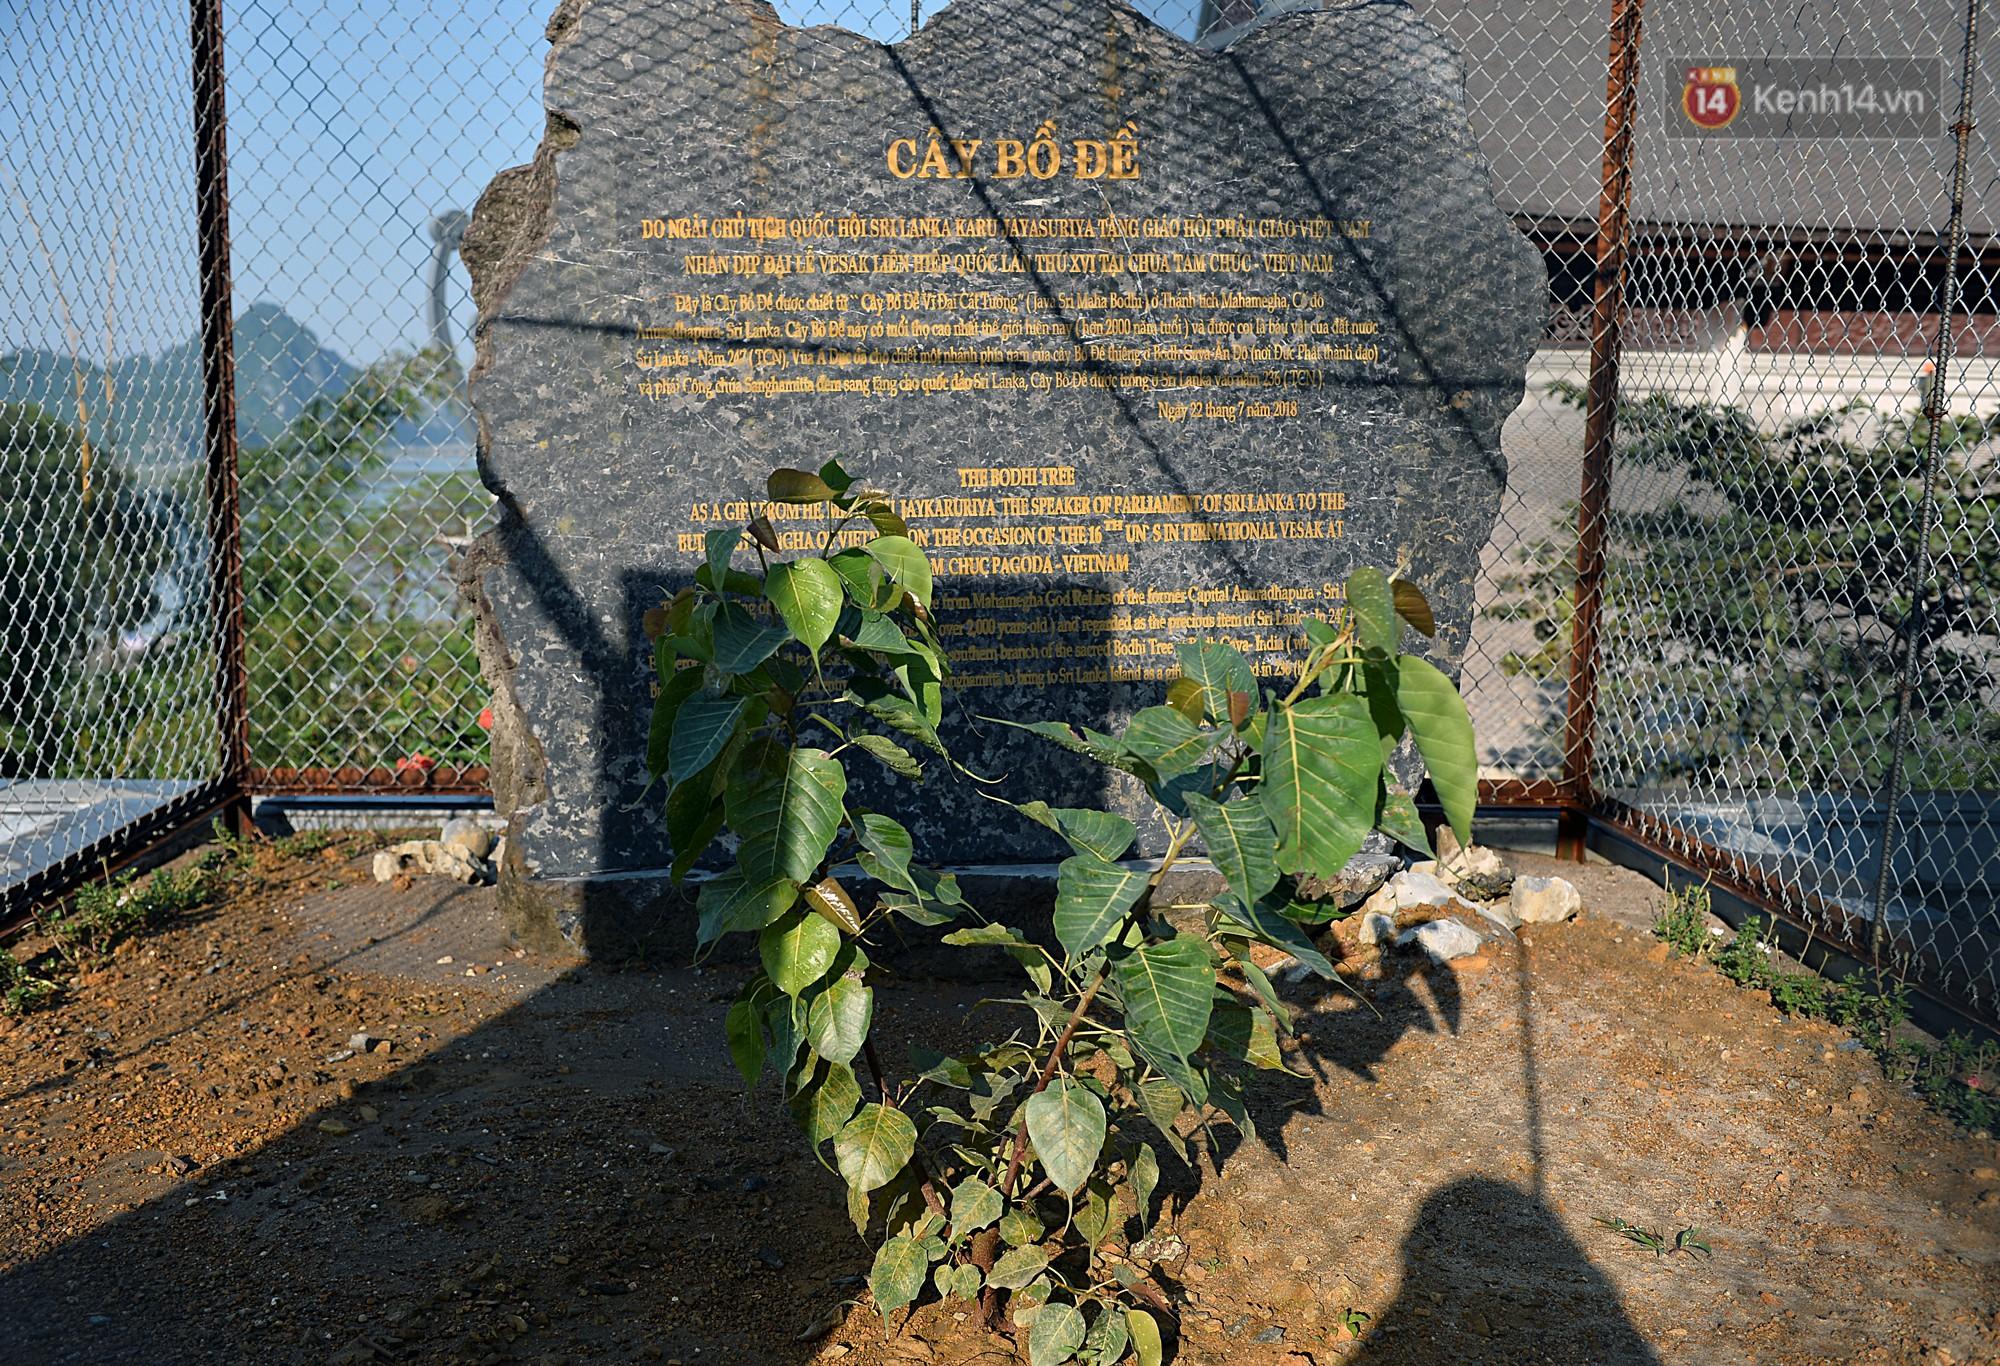 Phía trong sân chùa còn đang trồng cây bồ đề được chiết từ